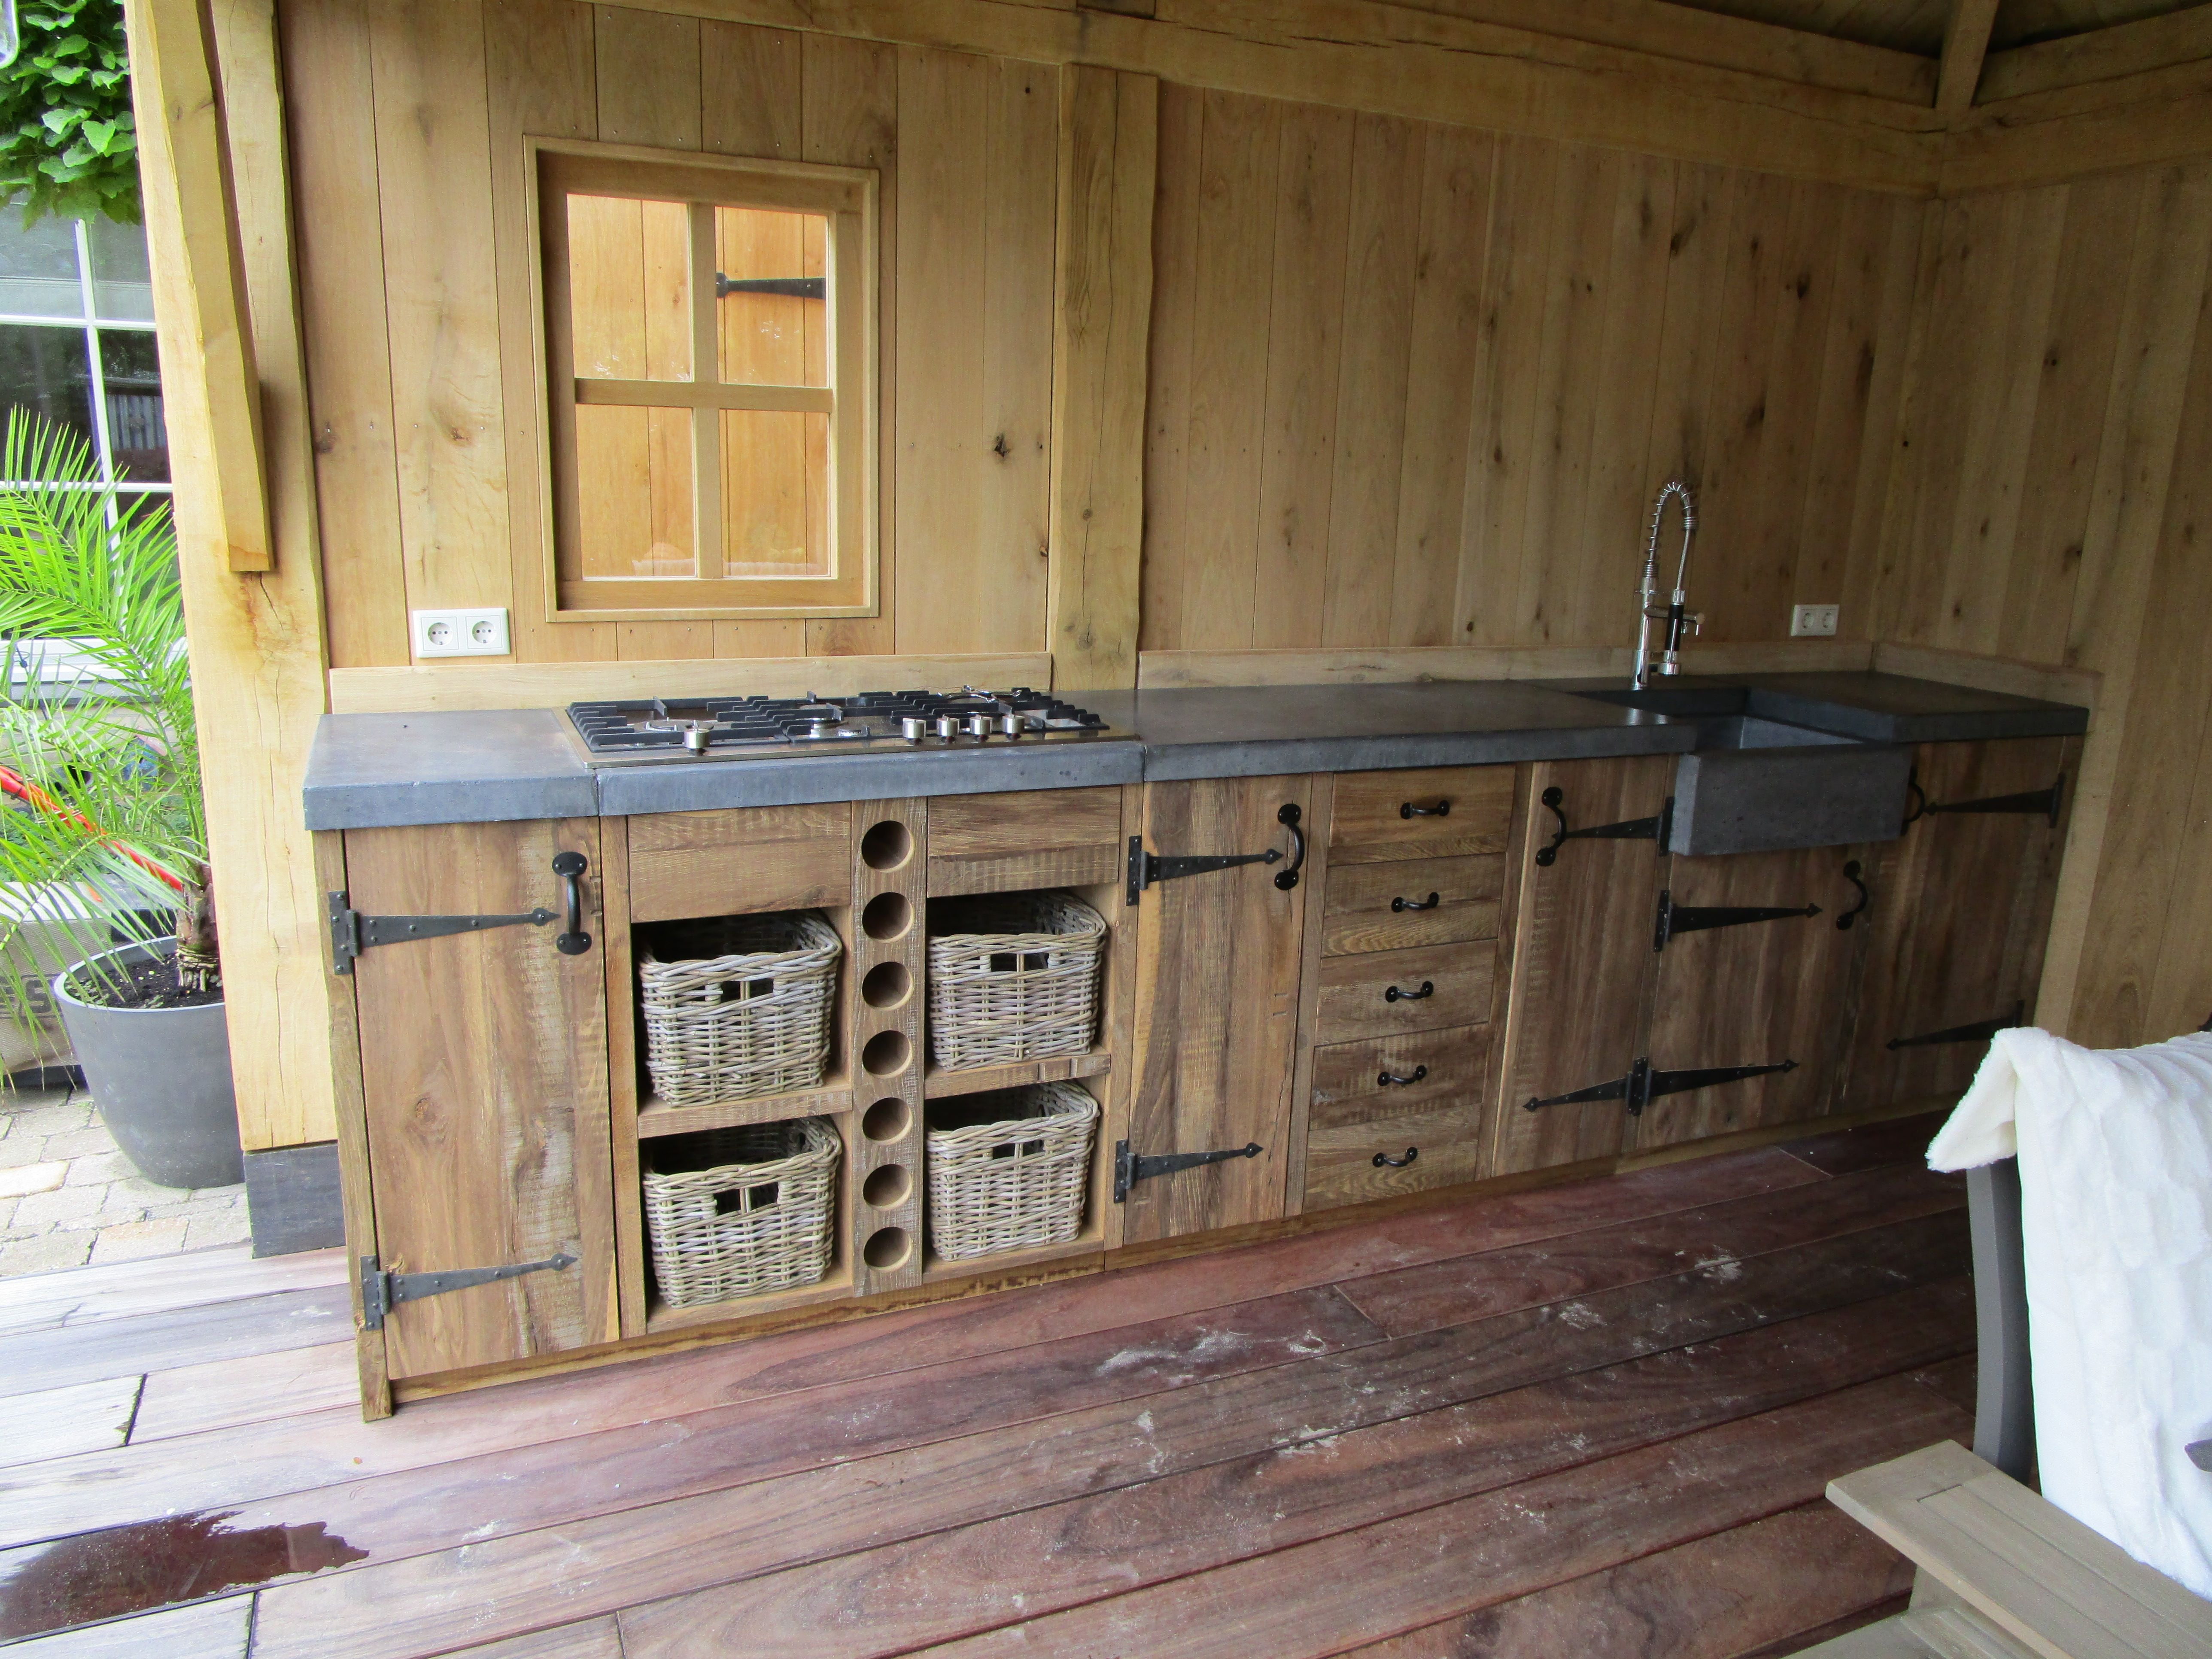 Reclaimed oak keukenblok. Zwart smeedwerk, betonnen blad. Ambachtelijk  vervaardigd door Eikentuinhuis.nl